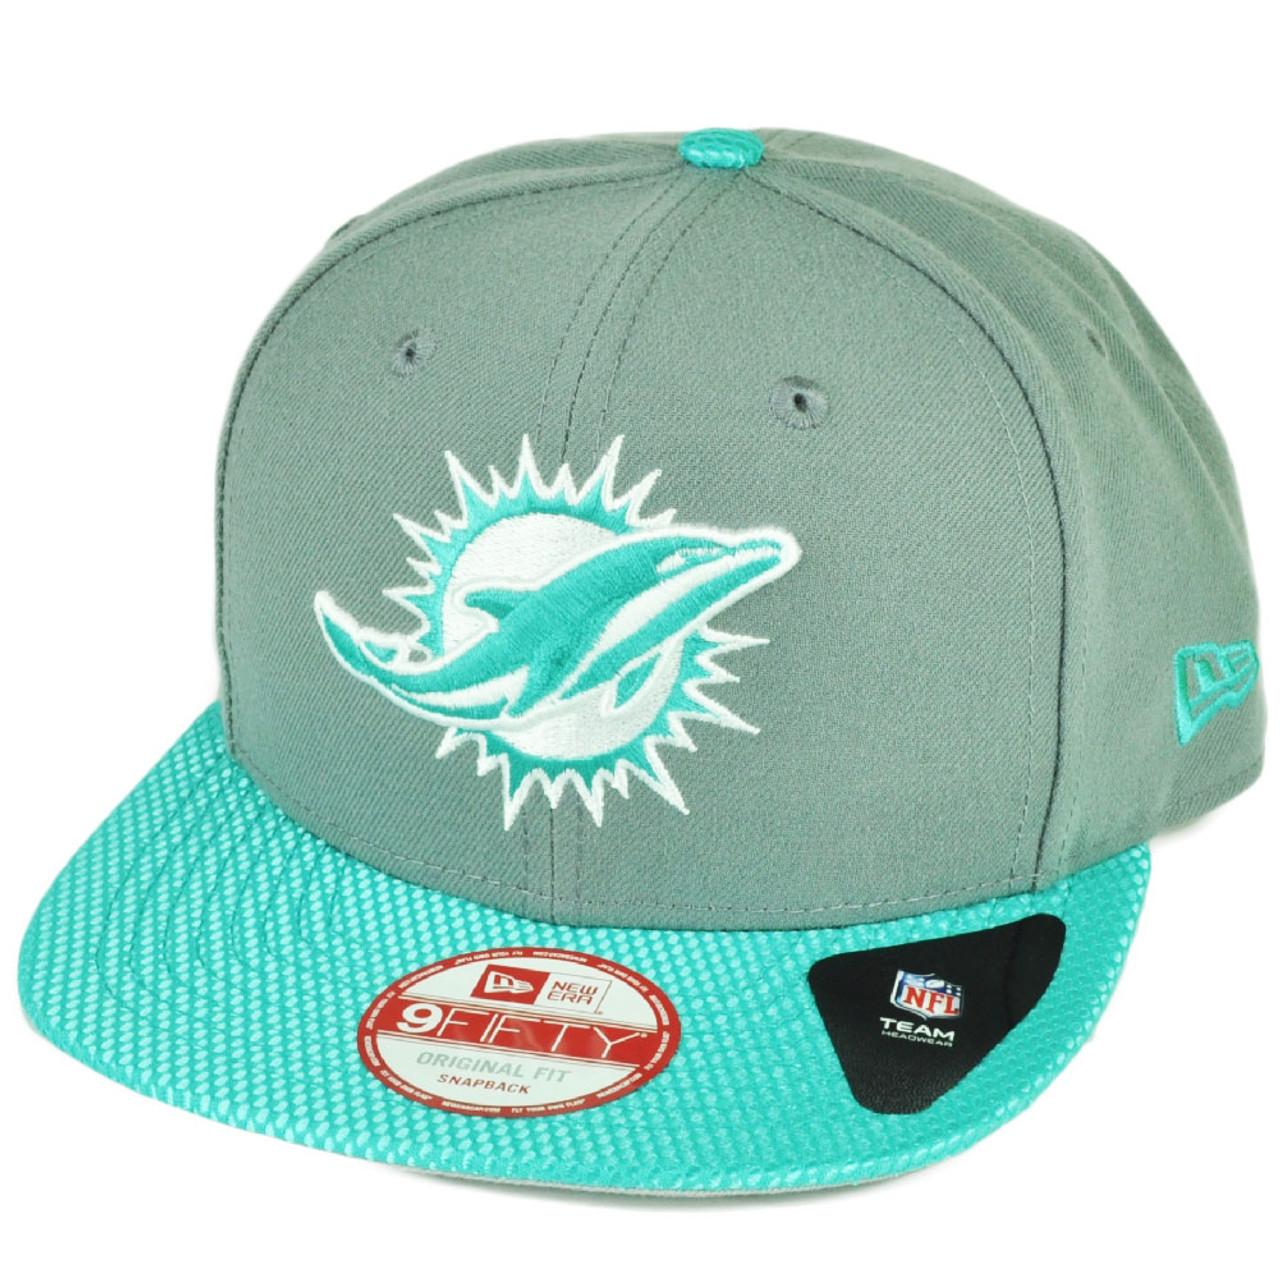 1c6f410fafe3b NFL New Era 9Fifty Flash Vize Miami Dolphins Snapback Hat Cap Flat Bill Blue